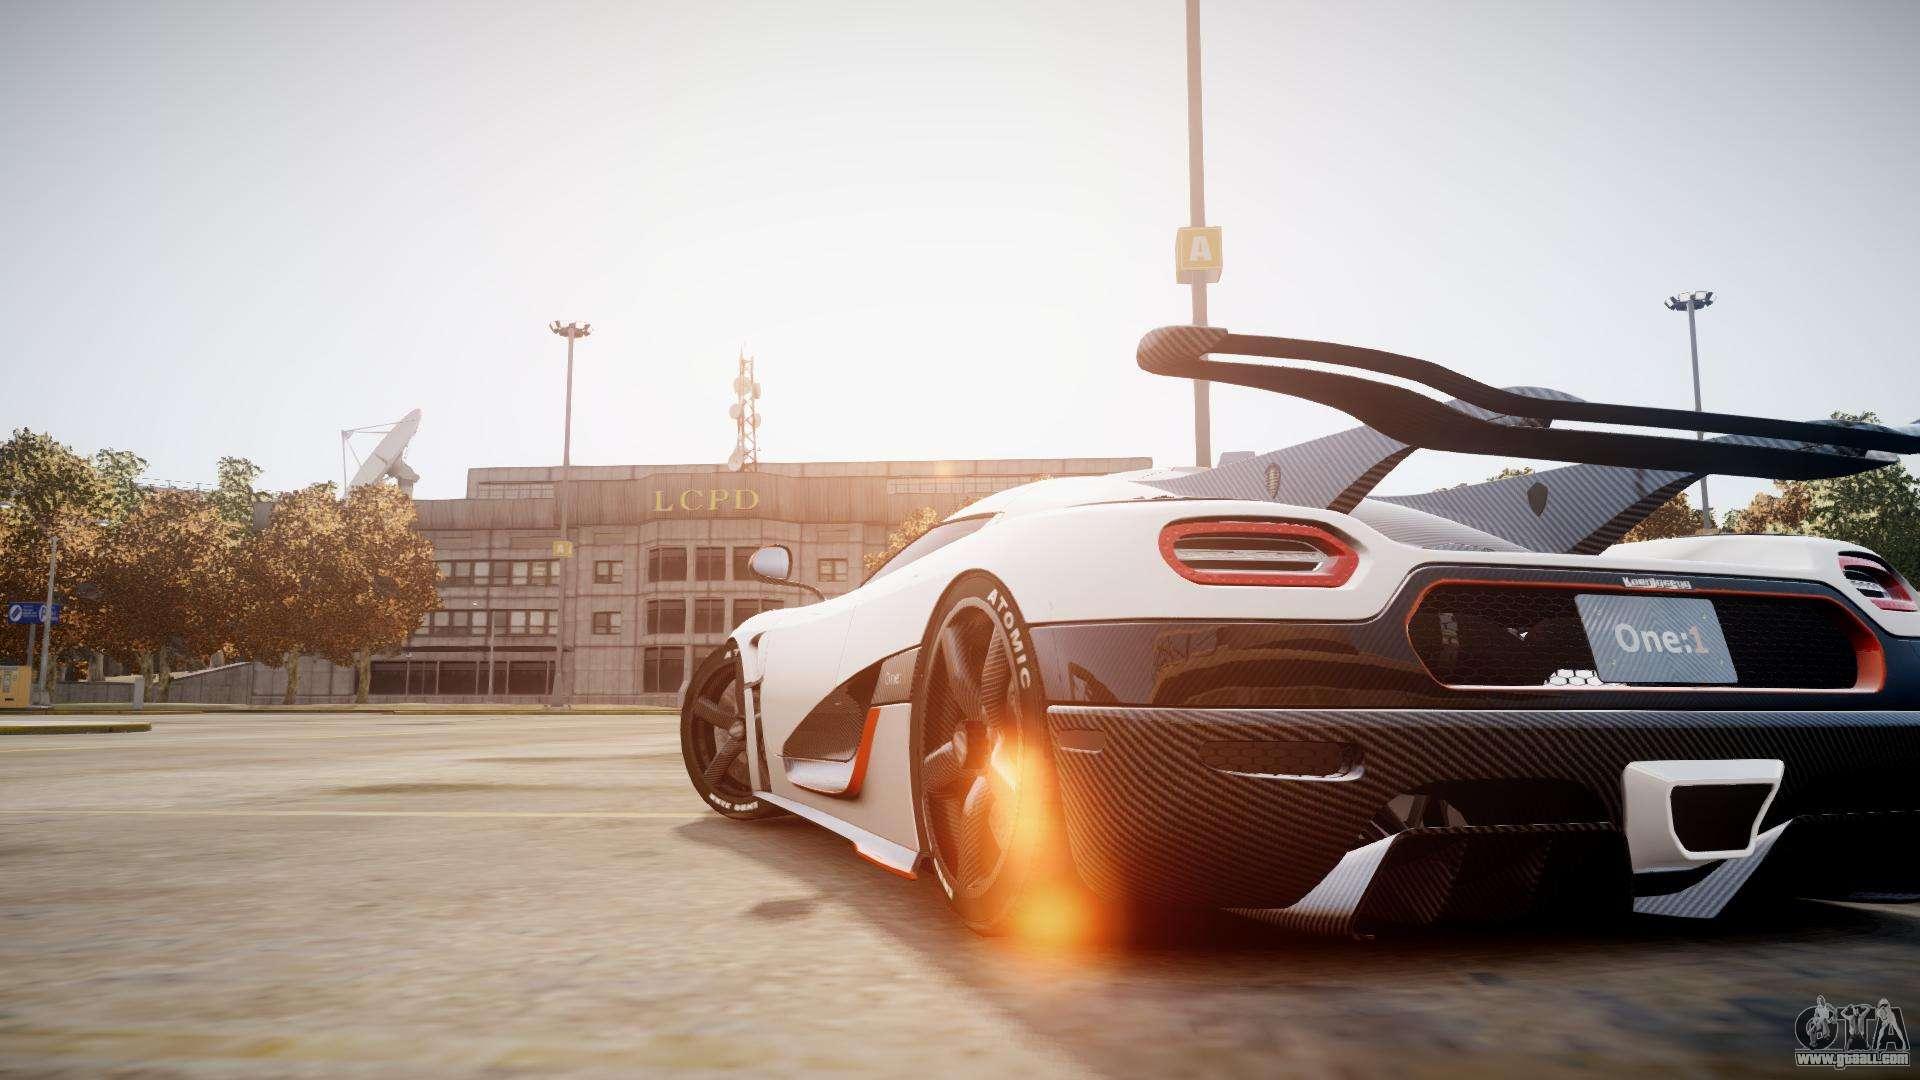 R Interior Agera 2014 Koenigsegg